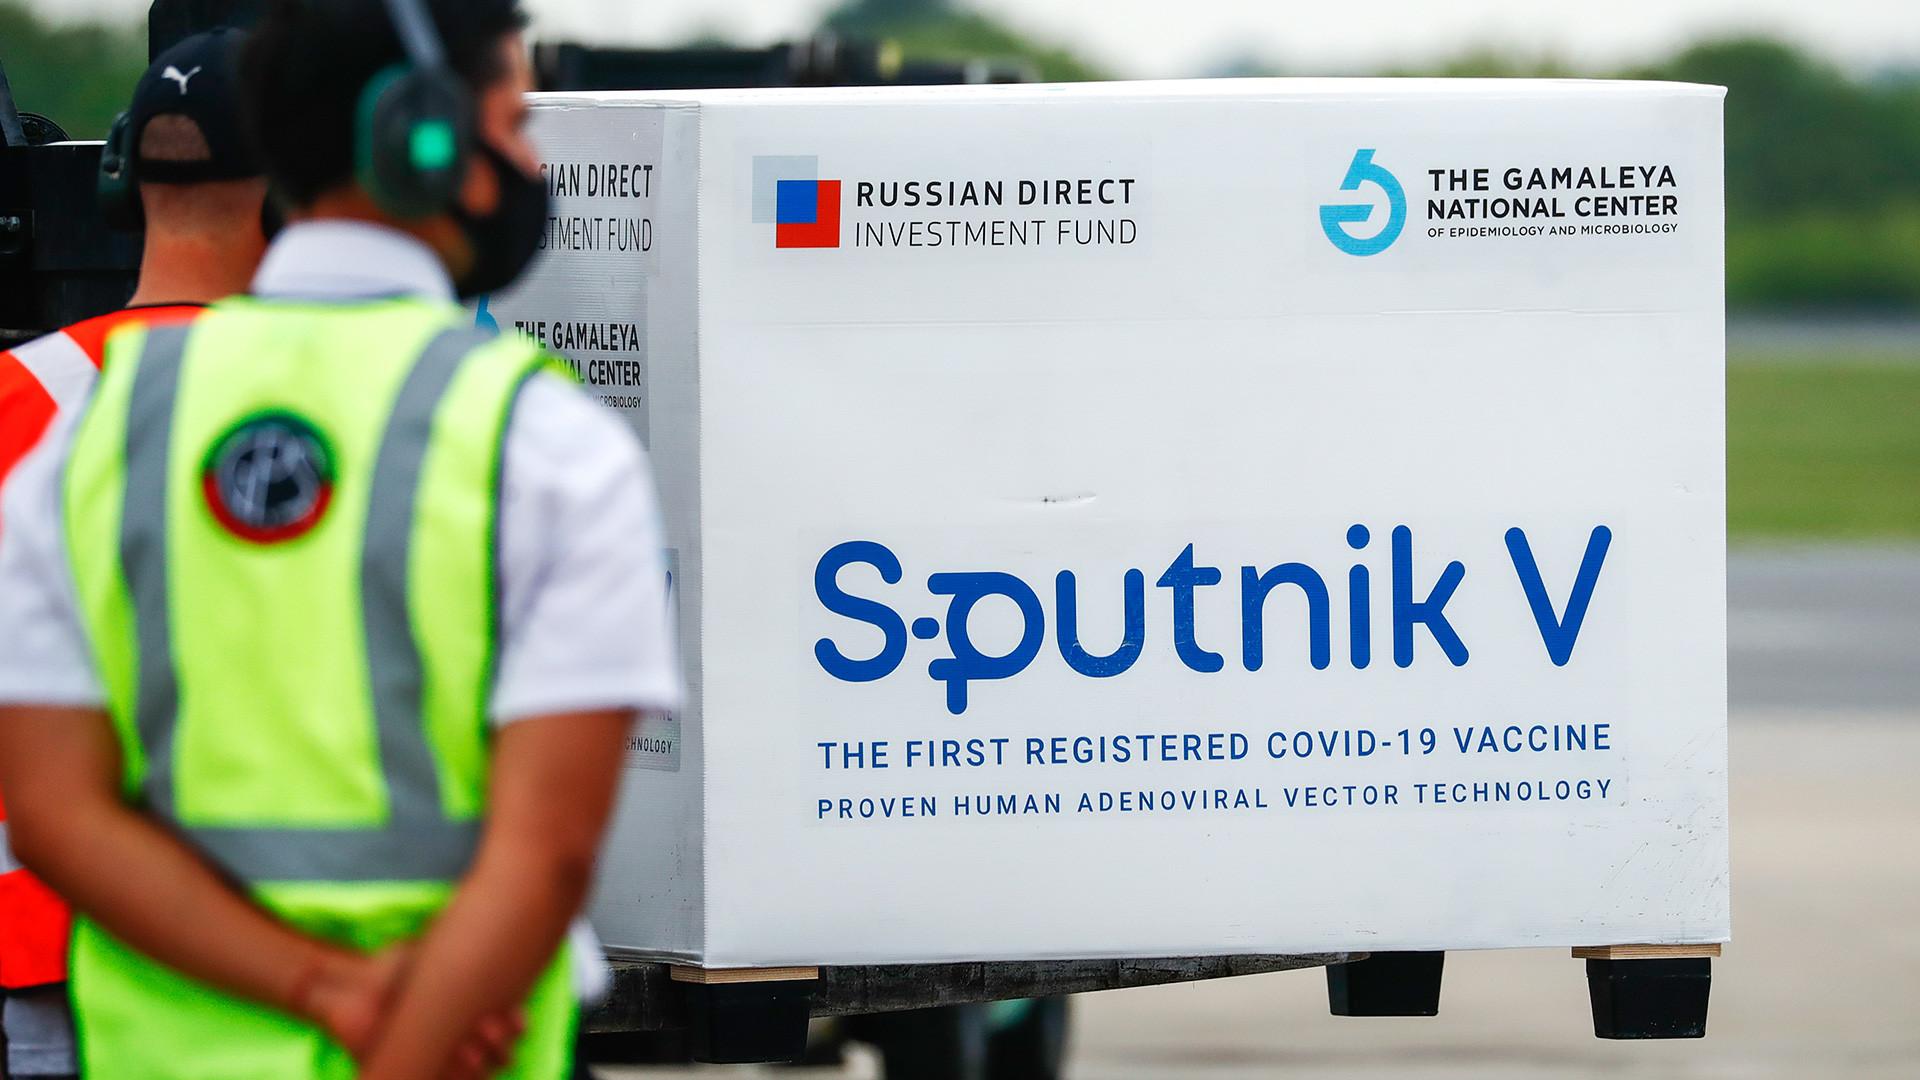 Il terzo lotto di vaccino russo Sputnik V arriva all'aeroporto Ministro Pistarini di Buenos Aires, Argentina. Secondo i dati ufficiali, la spedizione contiene 220.000 dosi destinate all'Argentina e un lotto extra di 6.000 dosi per la Bolivia